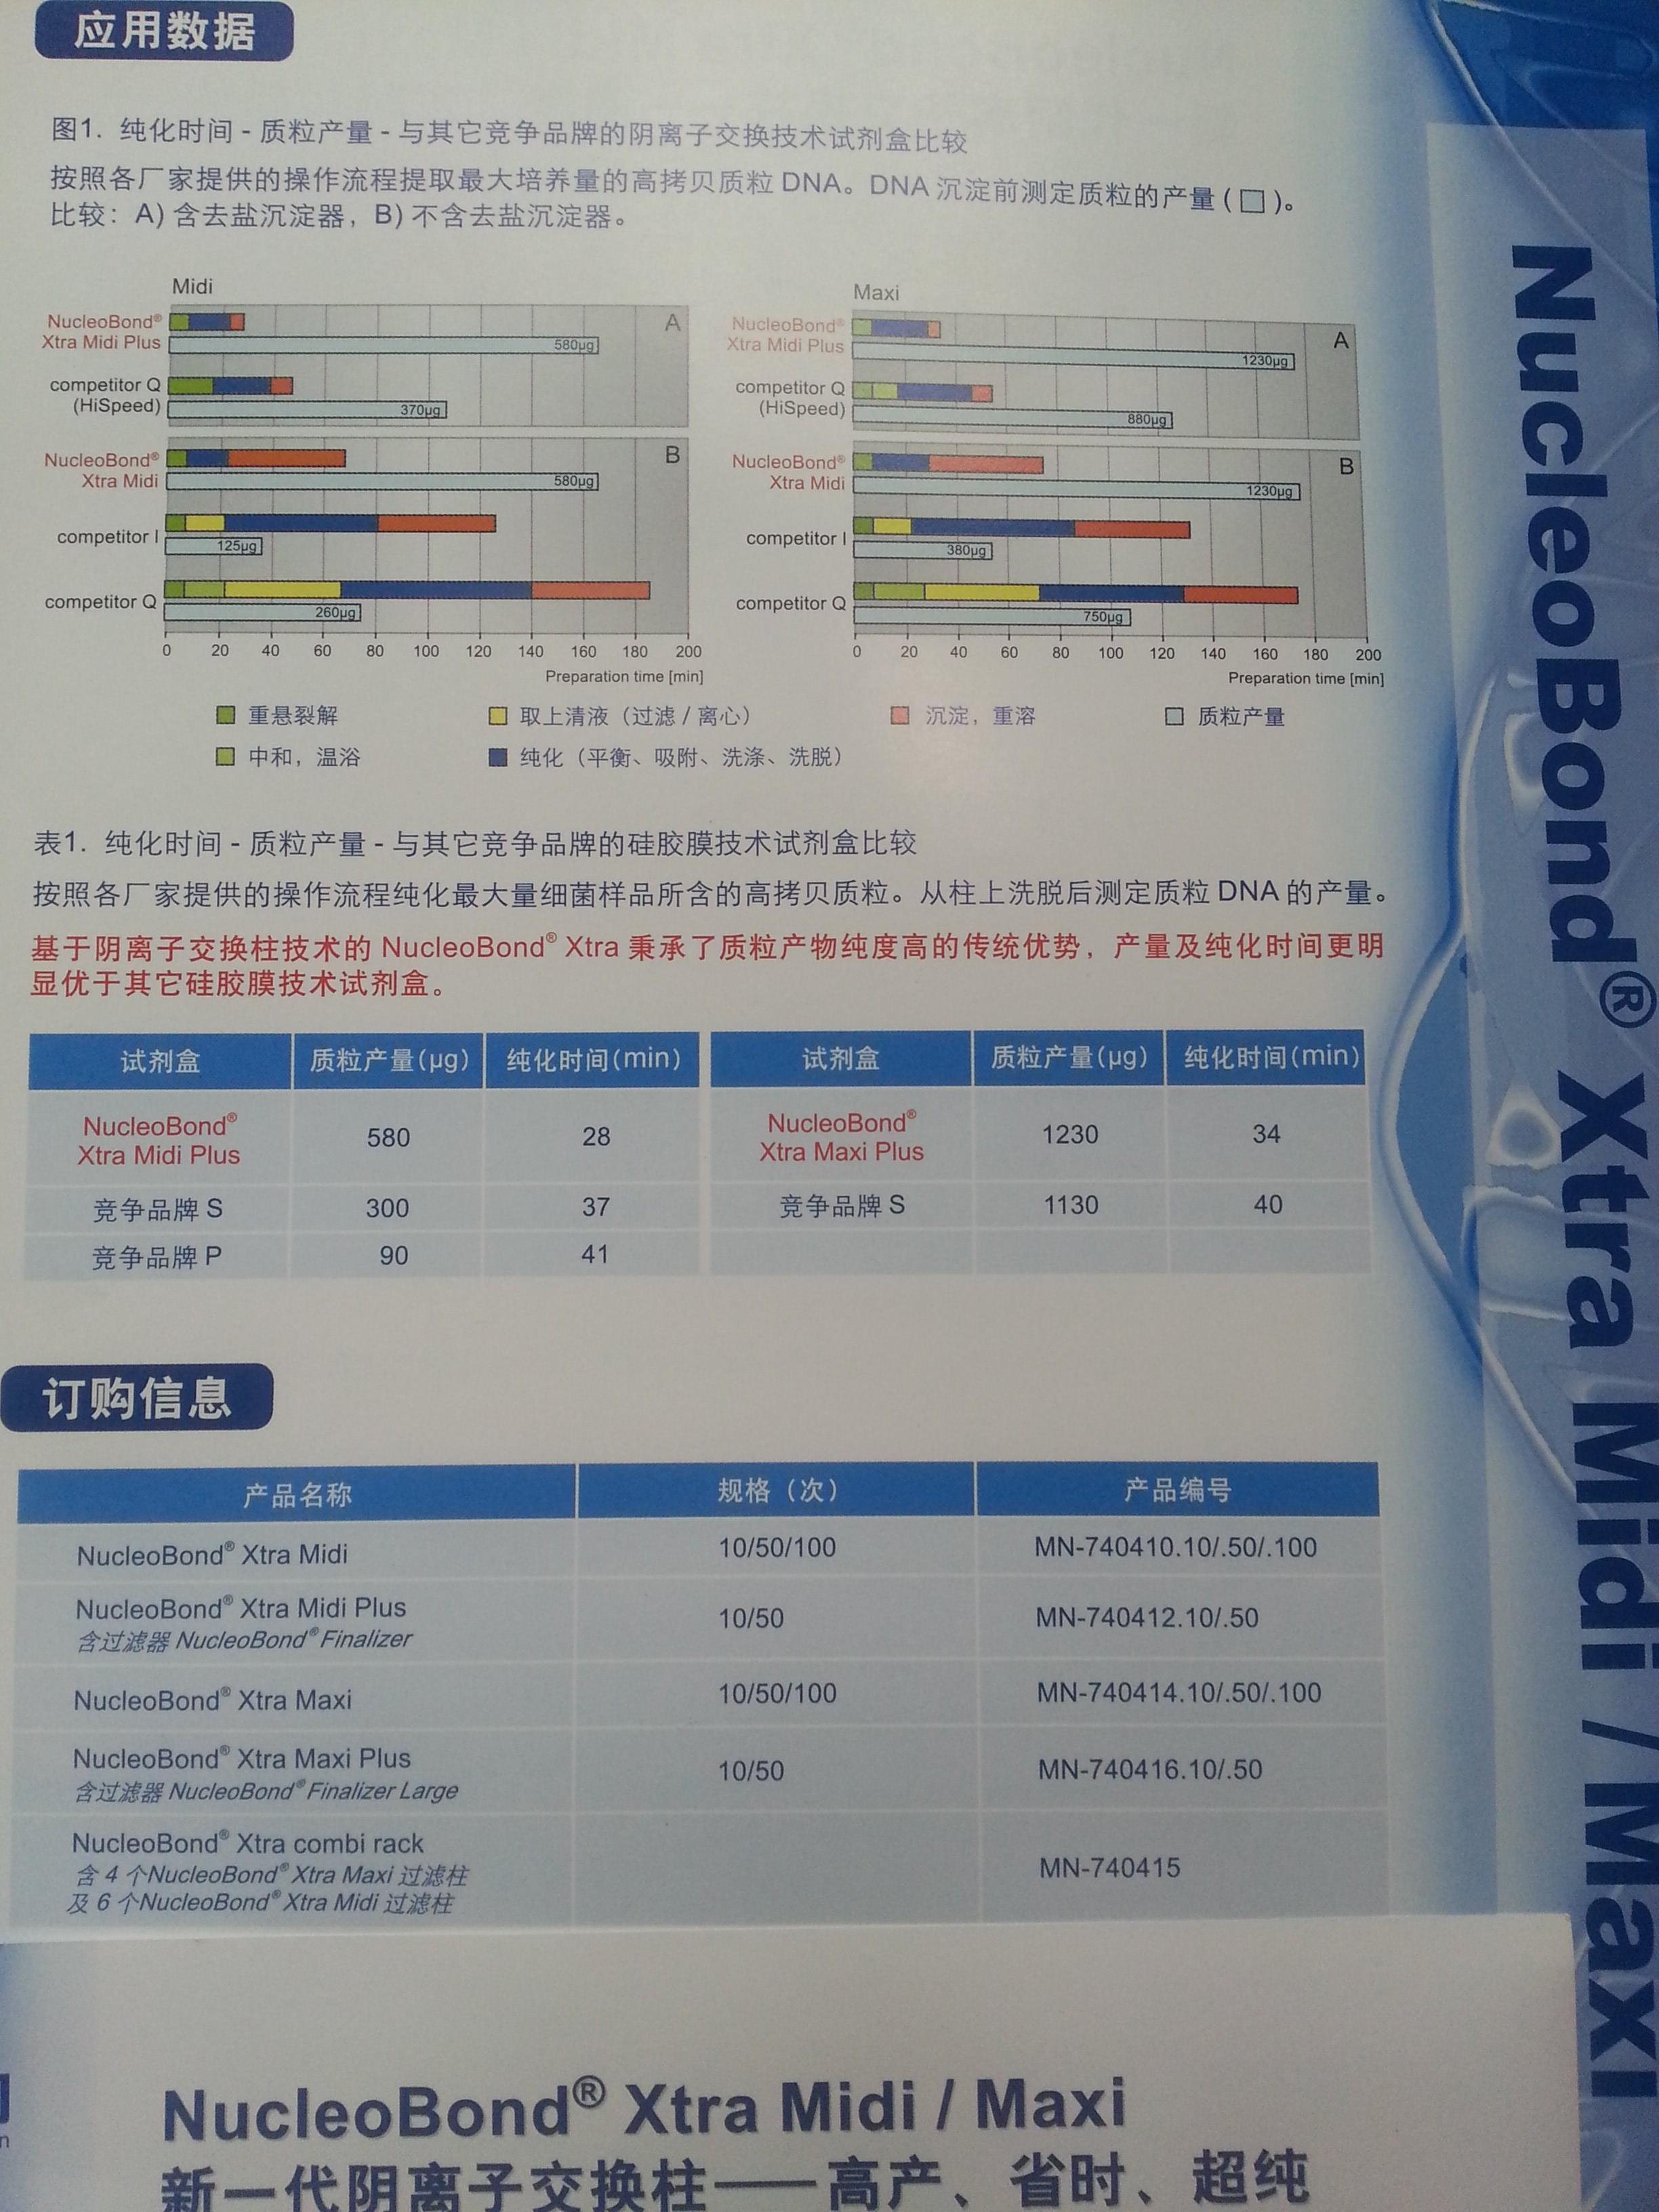 质粒中提试剂盒 NucleoBond® Xtra Midi / Maxi